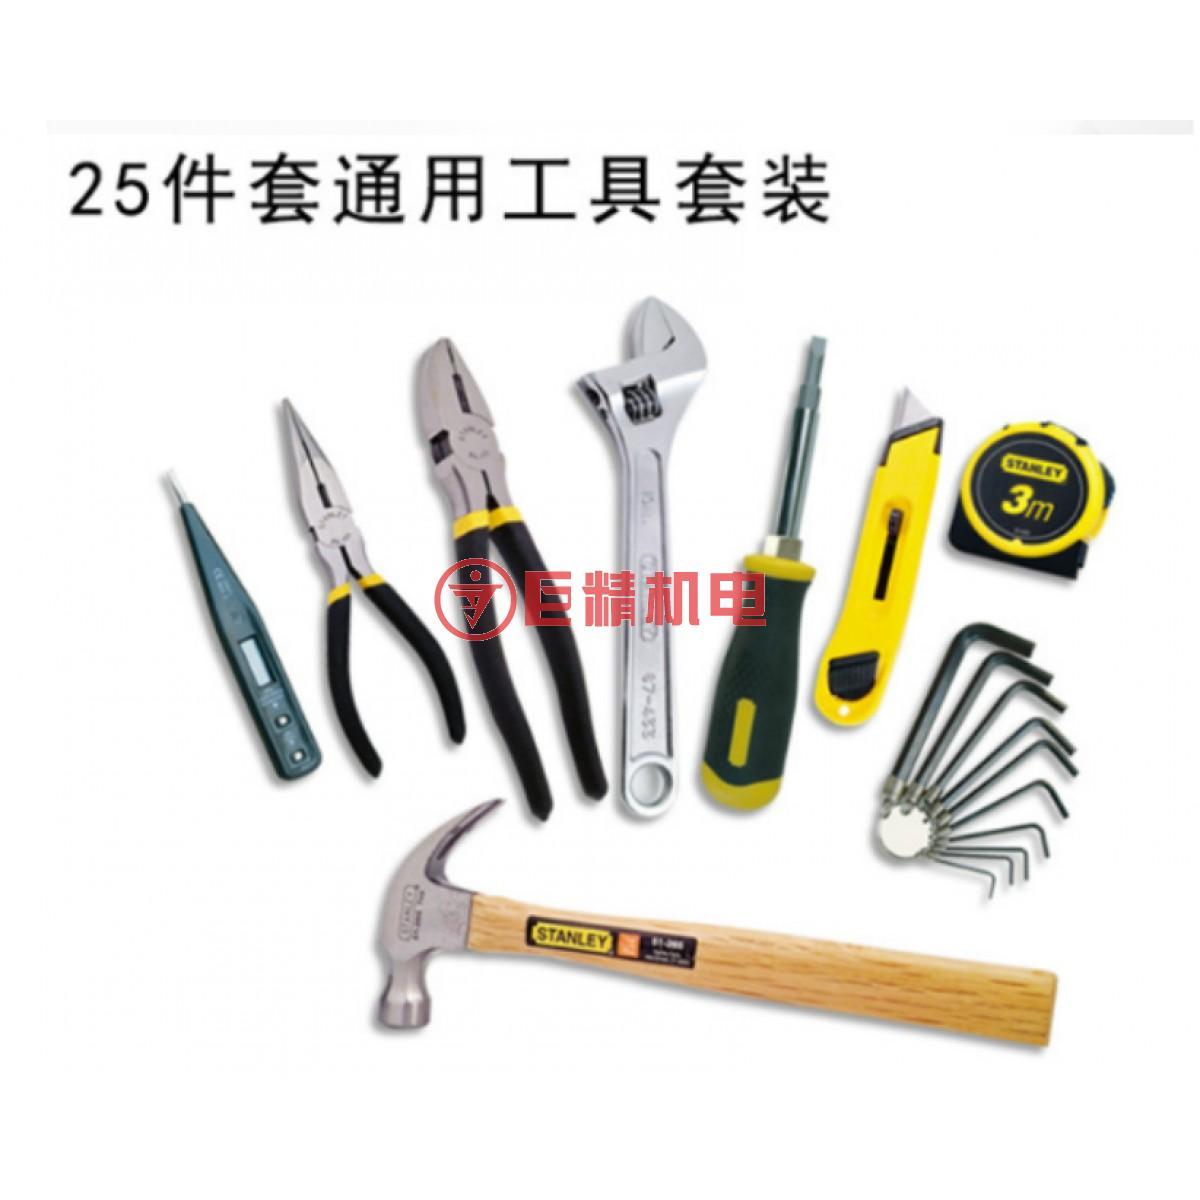 史丹利25件套通用工具套装 92-006-23